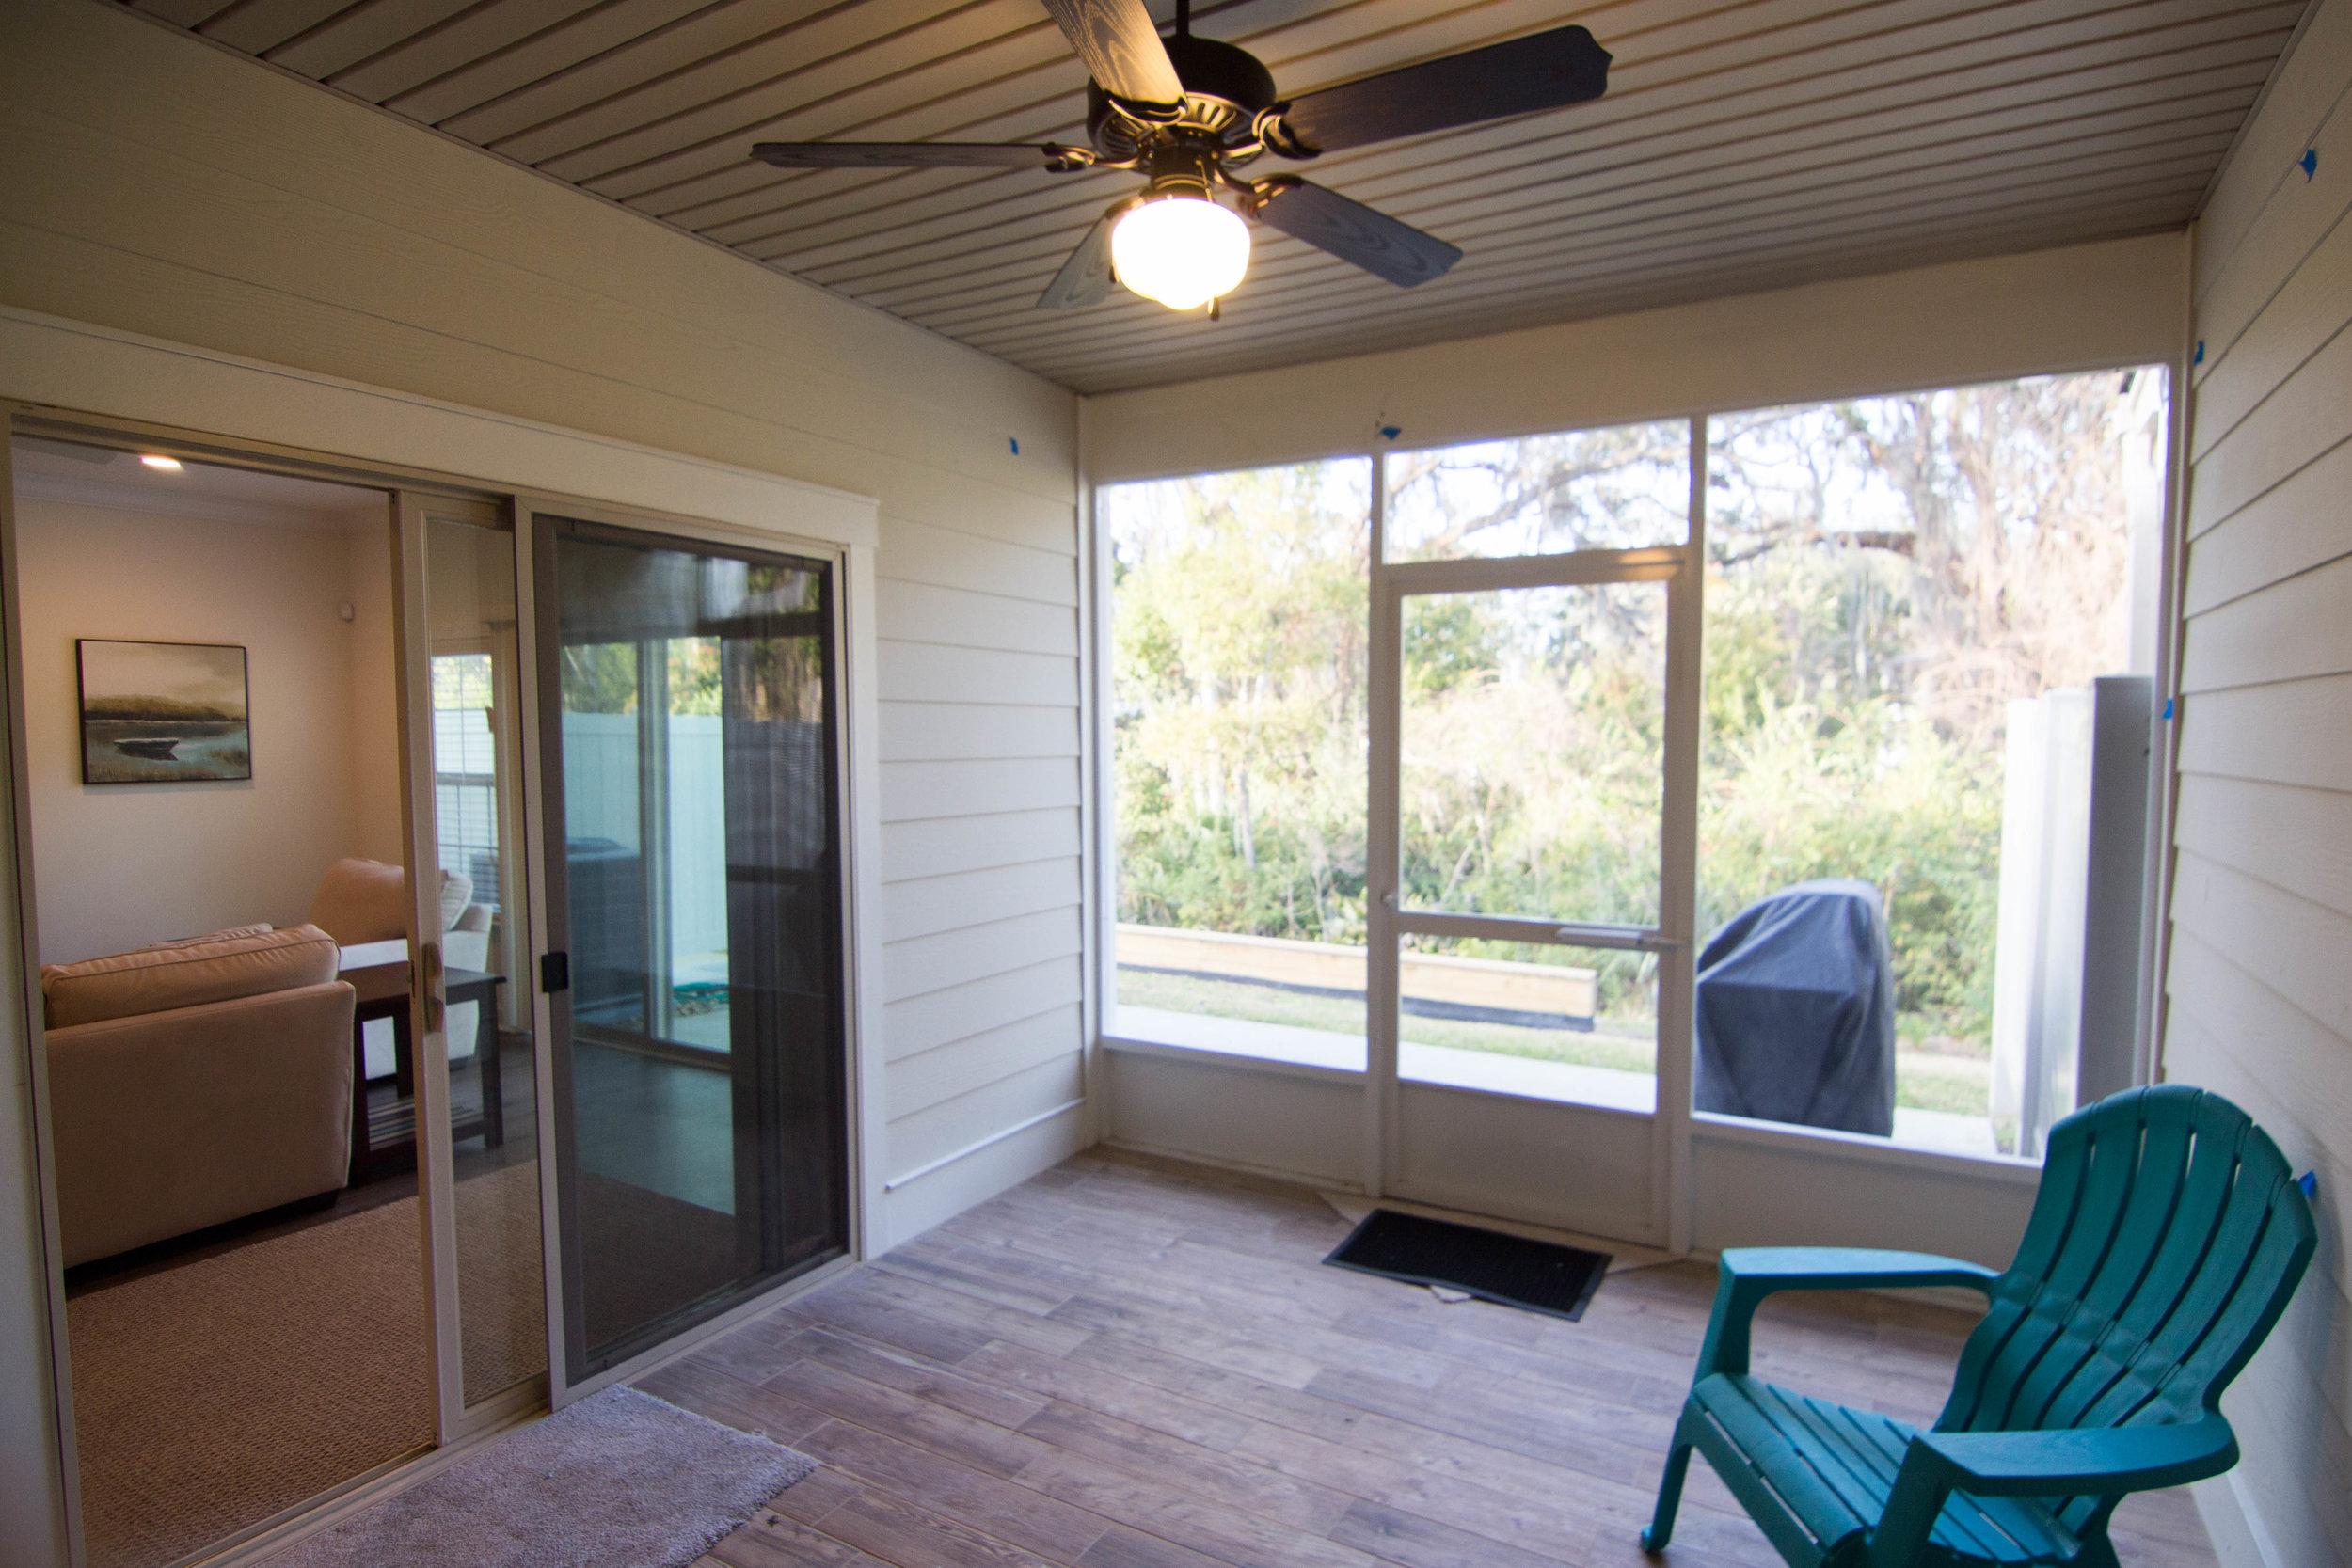 09 Porch.jpg